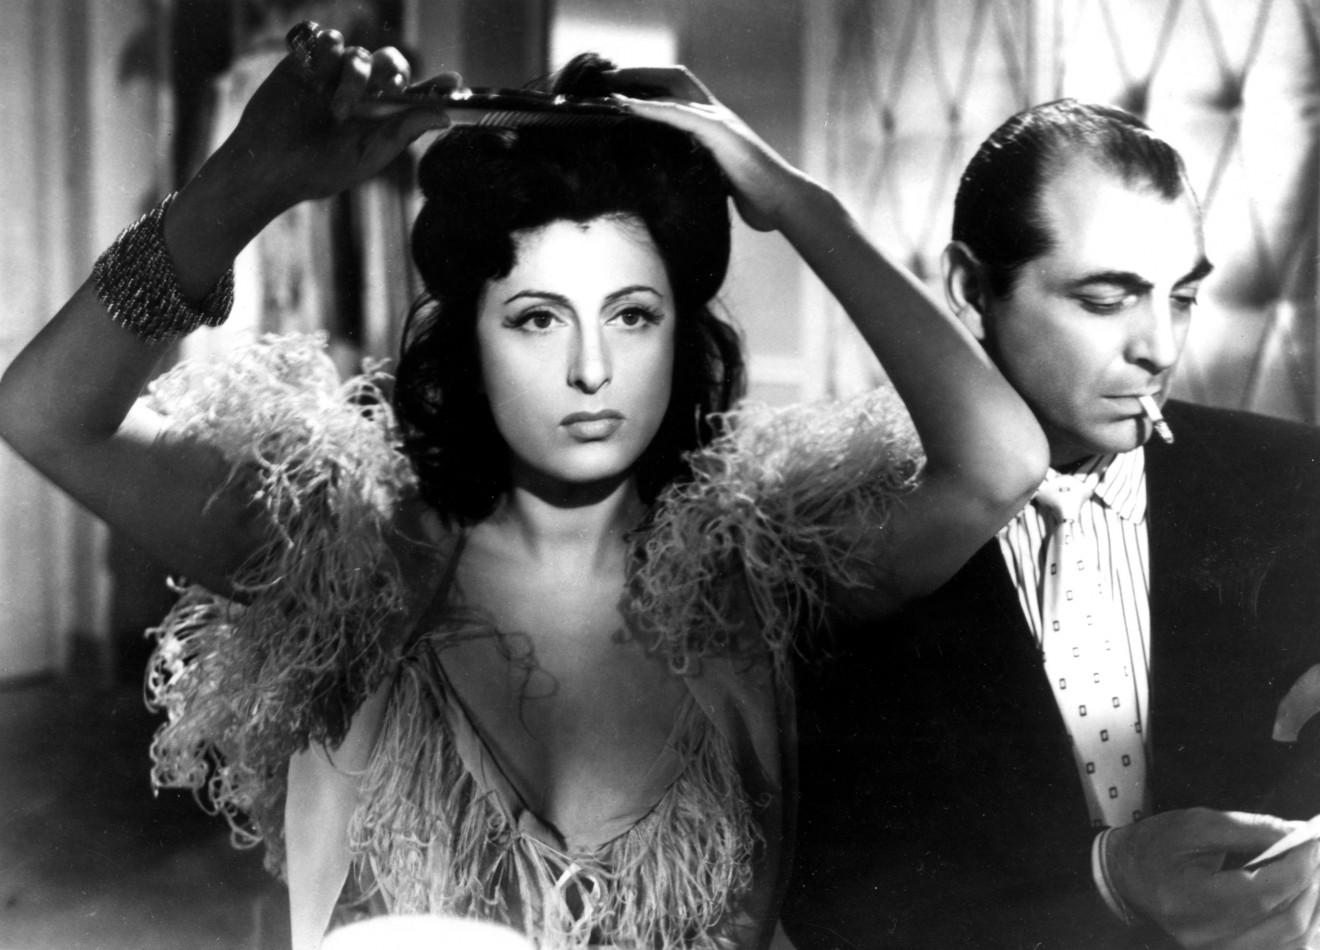 Il bandito - Film 1946